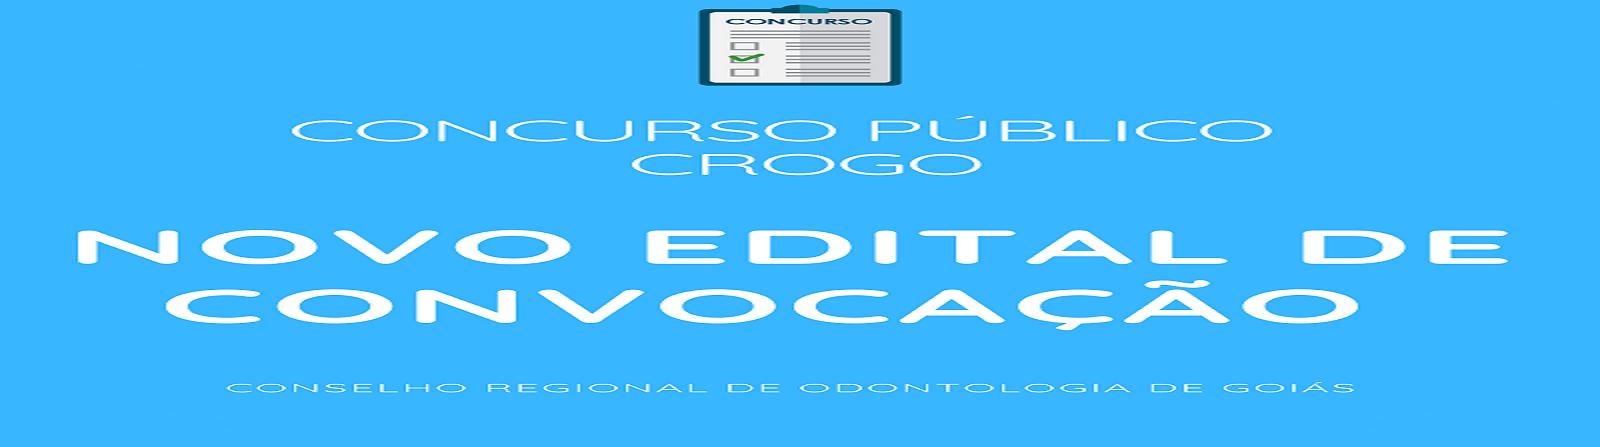 Novo_Edital_de_Convocao_Concurso_Pblico_2019_-_1600_x_447